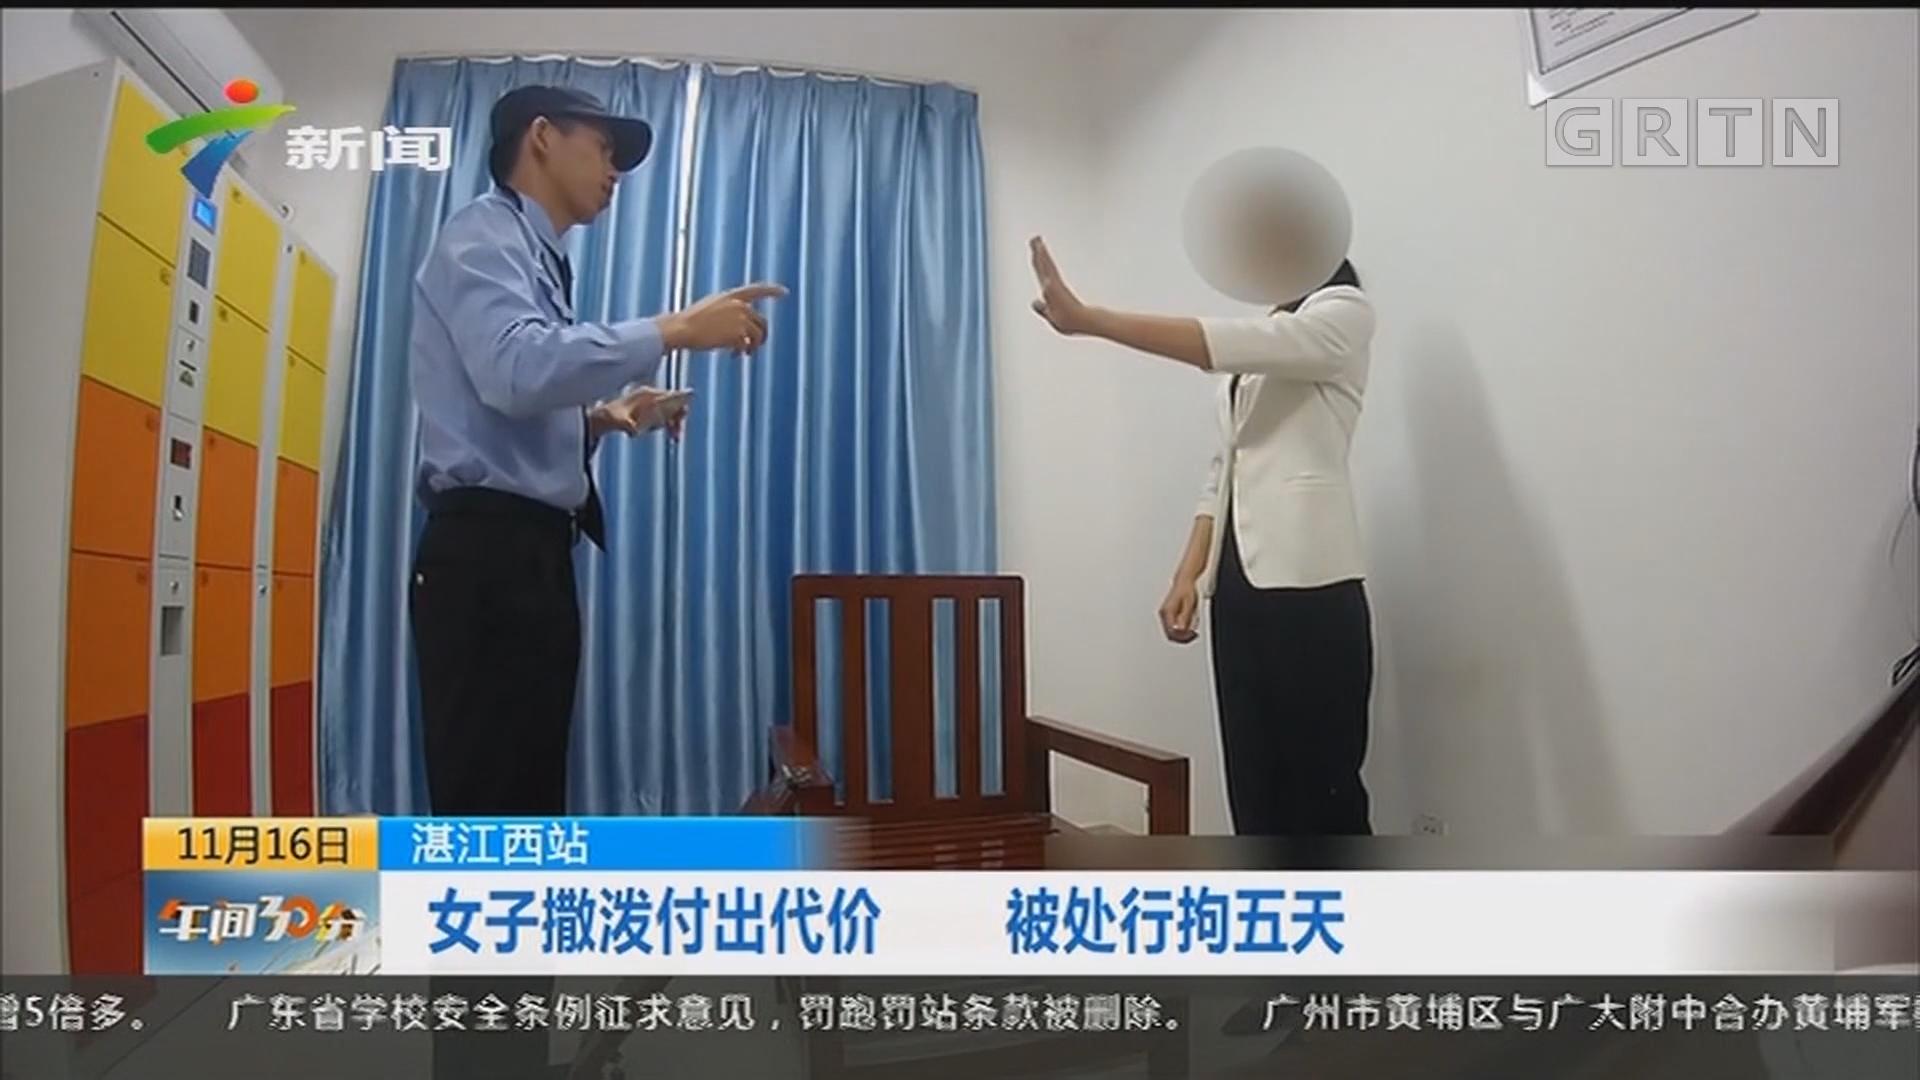 """湛江西站:無票闖站被攔 女子竟喊""""救命"""""""